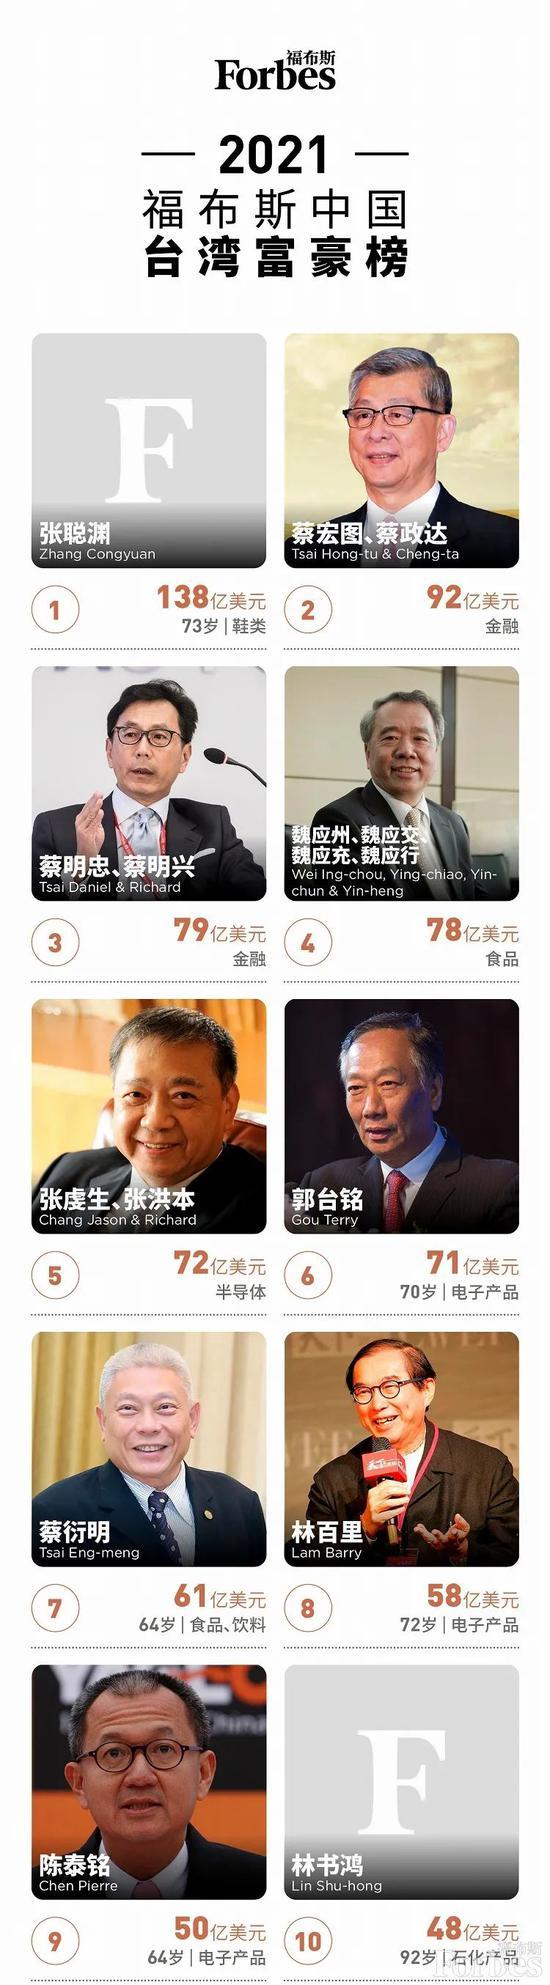 福布斯公布2021中国台湾富豪榜 台积电张忠谋等上榜